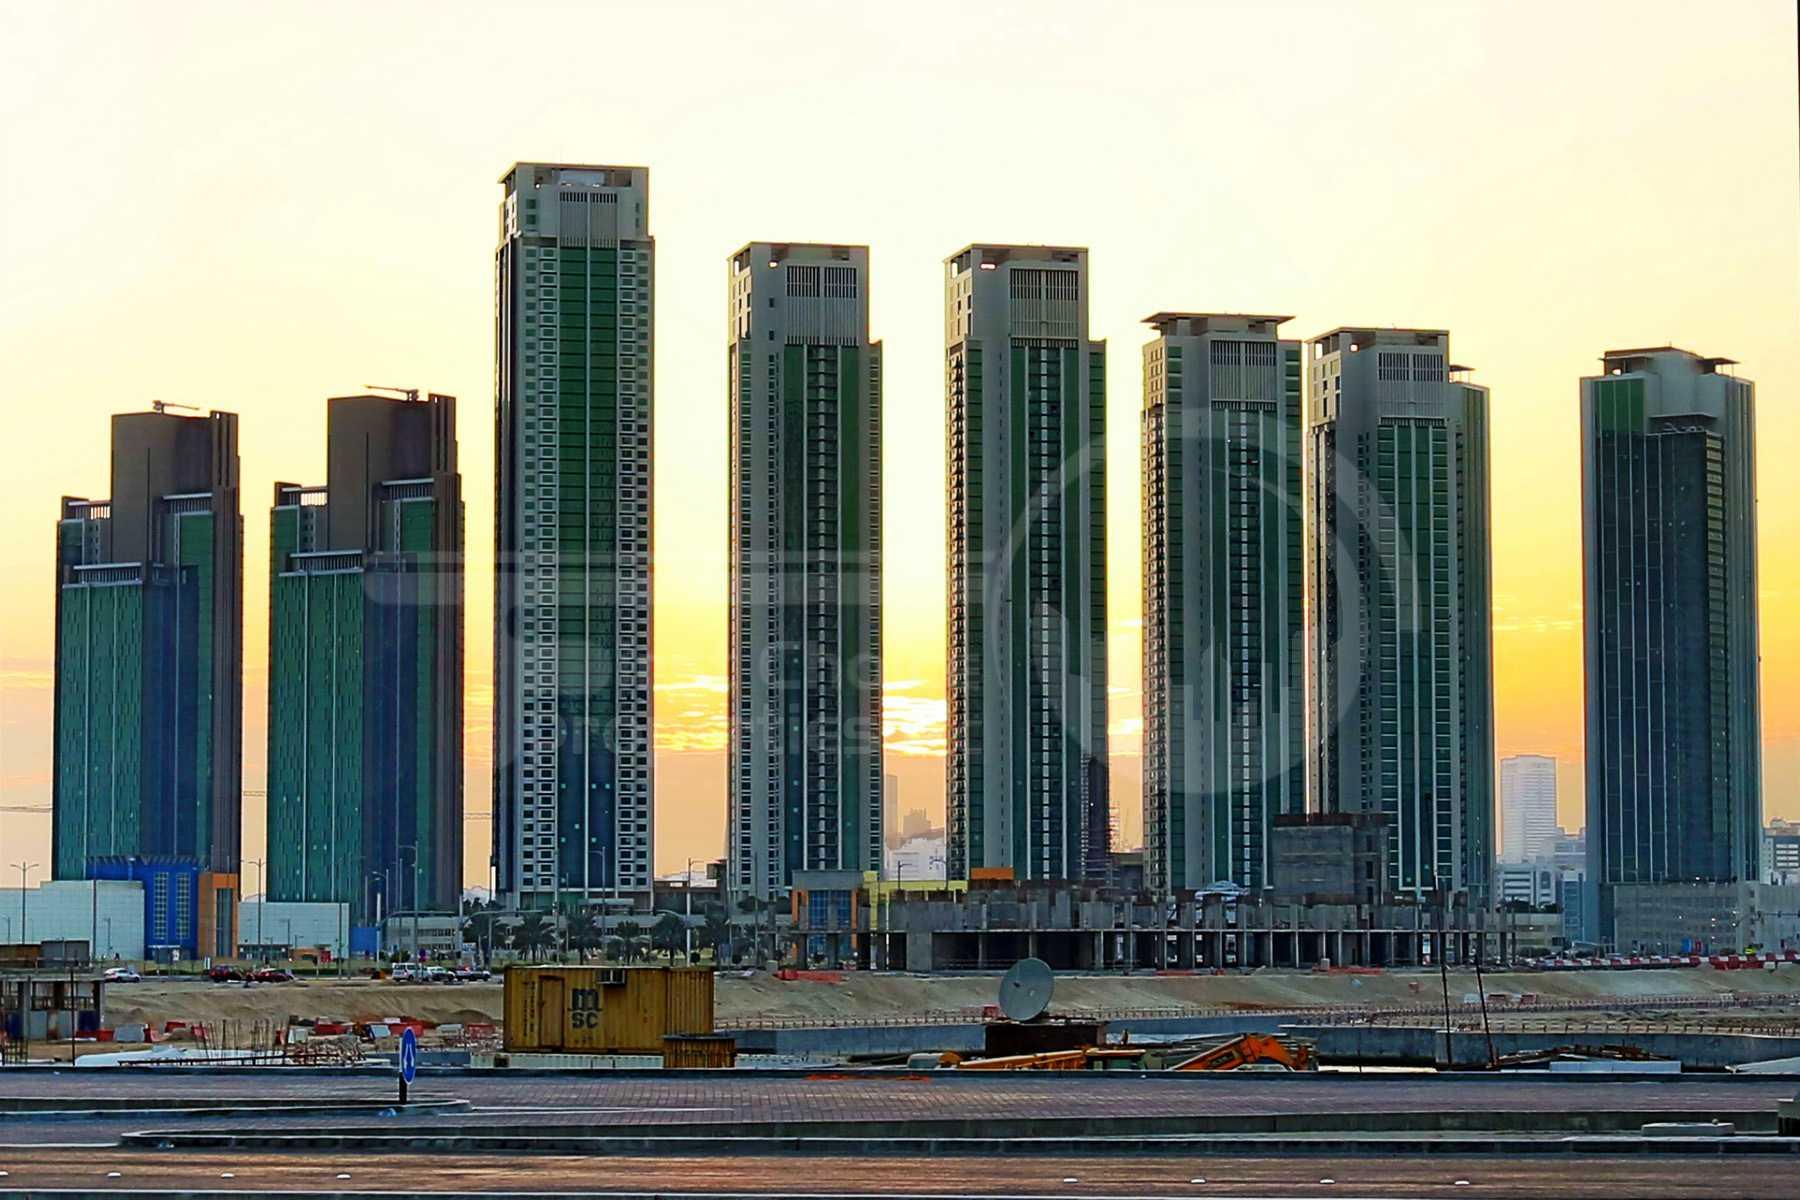 Studio - 1BR - 2BR - 3BR - 4BR Apartment - Abu Dhabi - UAE - Al Reem Island - Marina Square - Outside View (17) - Copy.jpg